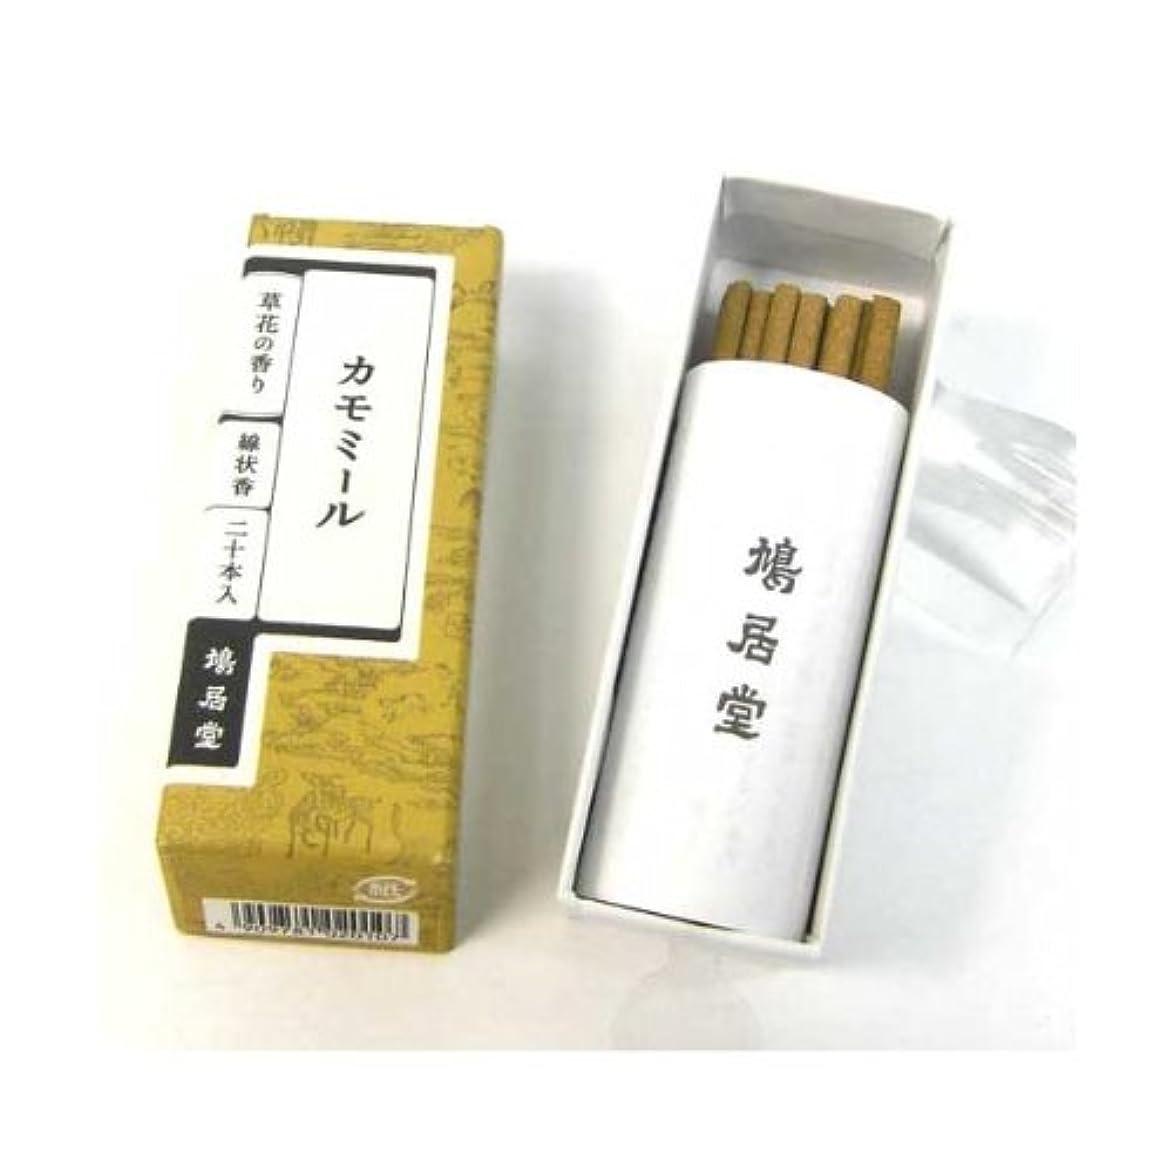 メインスペイン相関する鳩居堂 お香 カモミール 草花の香りシリーズ スティックタイプ(棒状香)20本いり